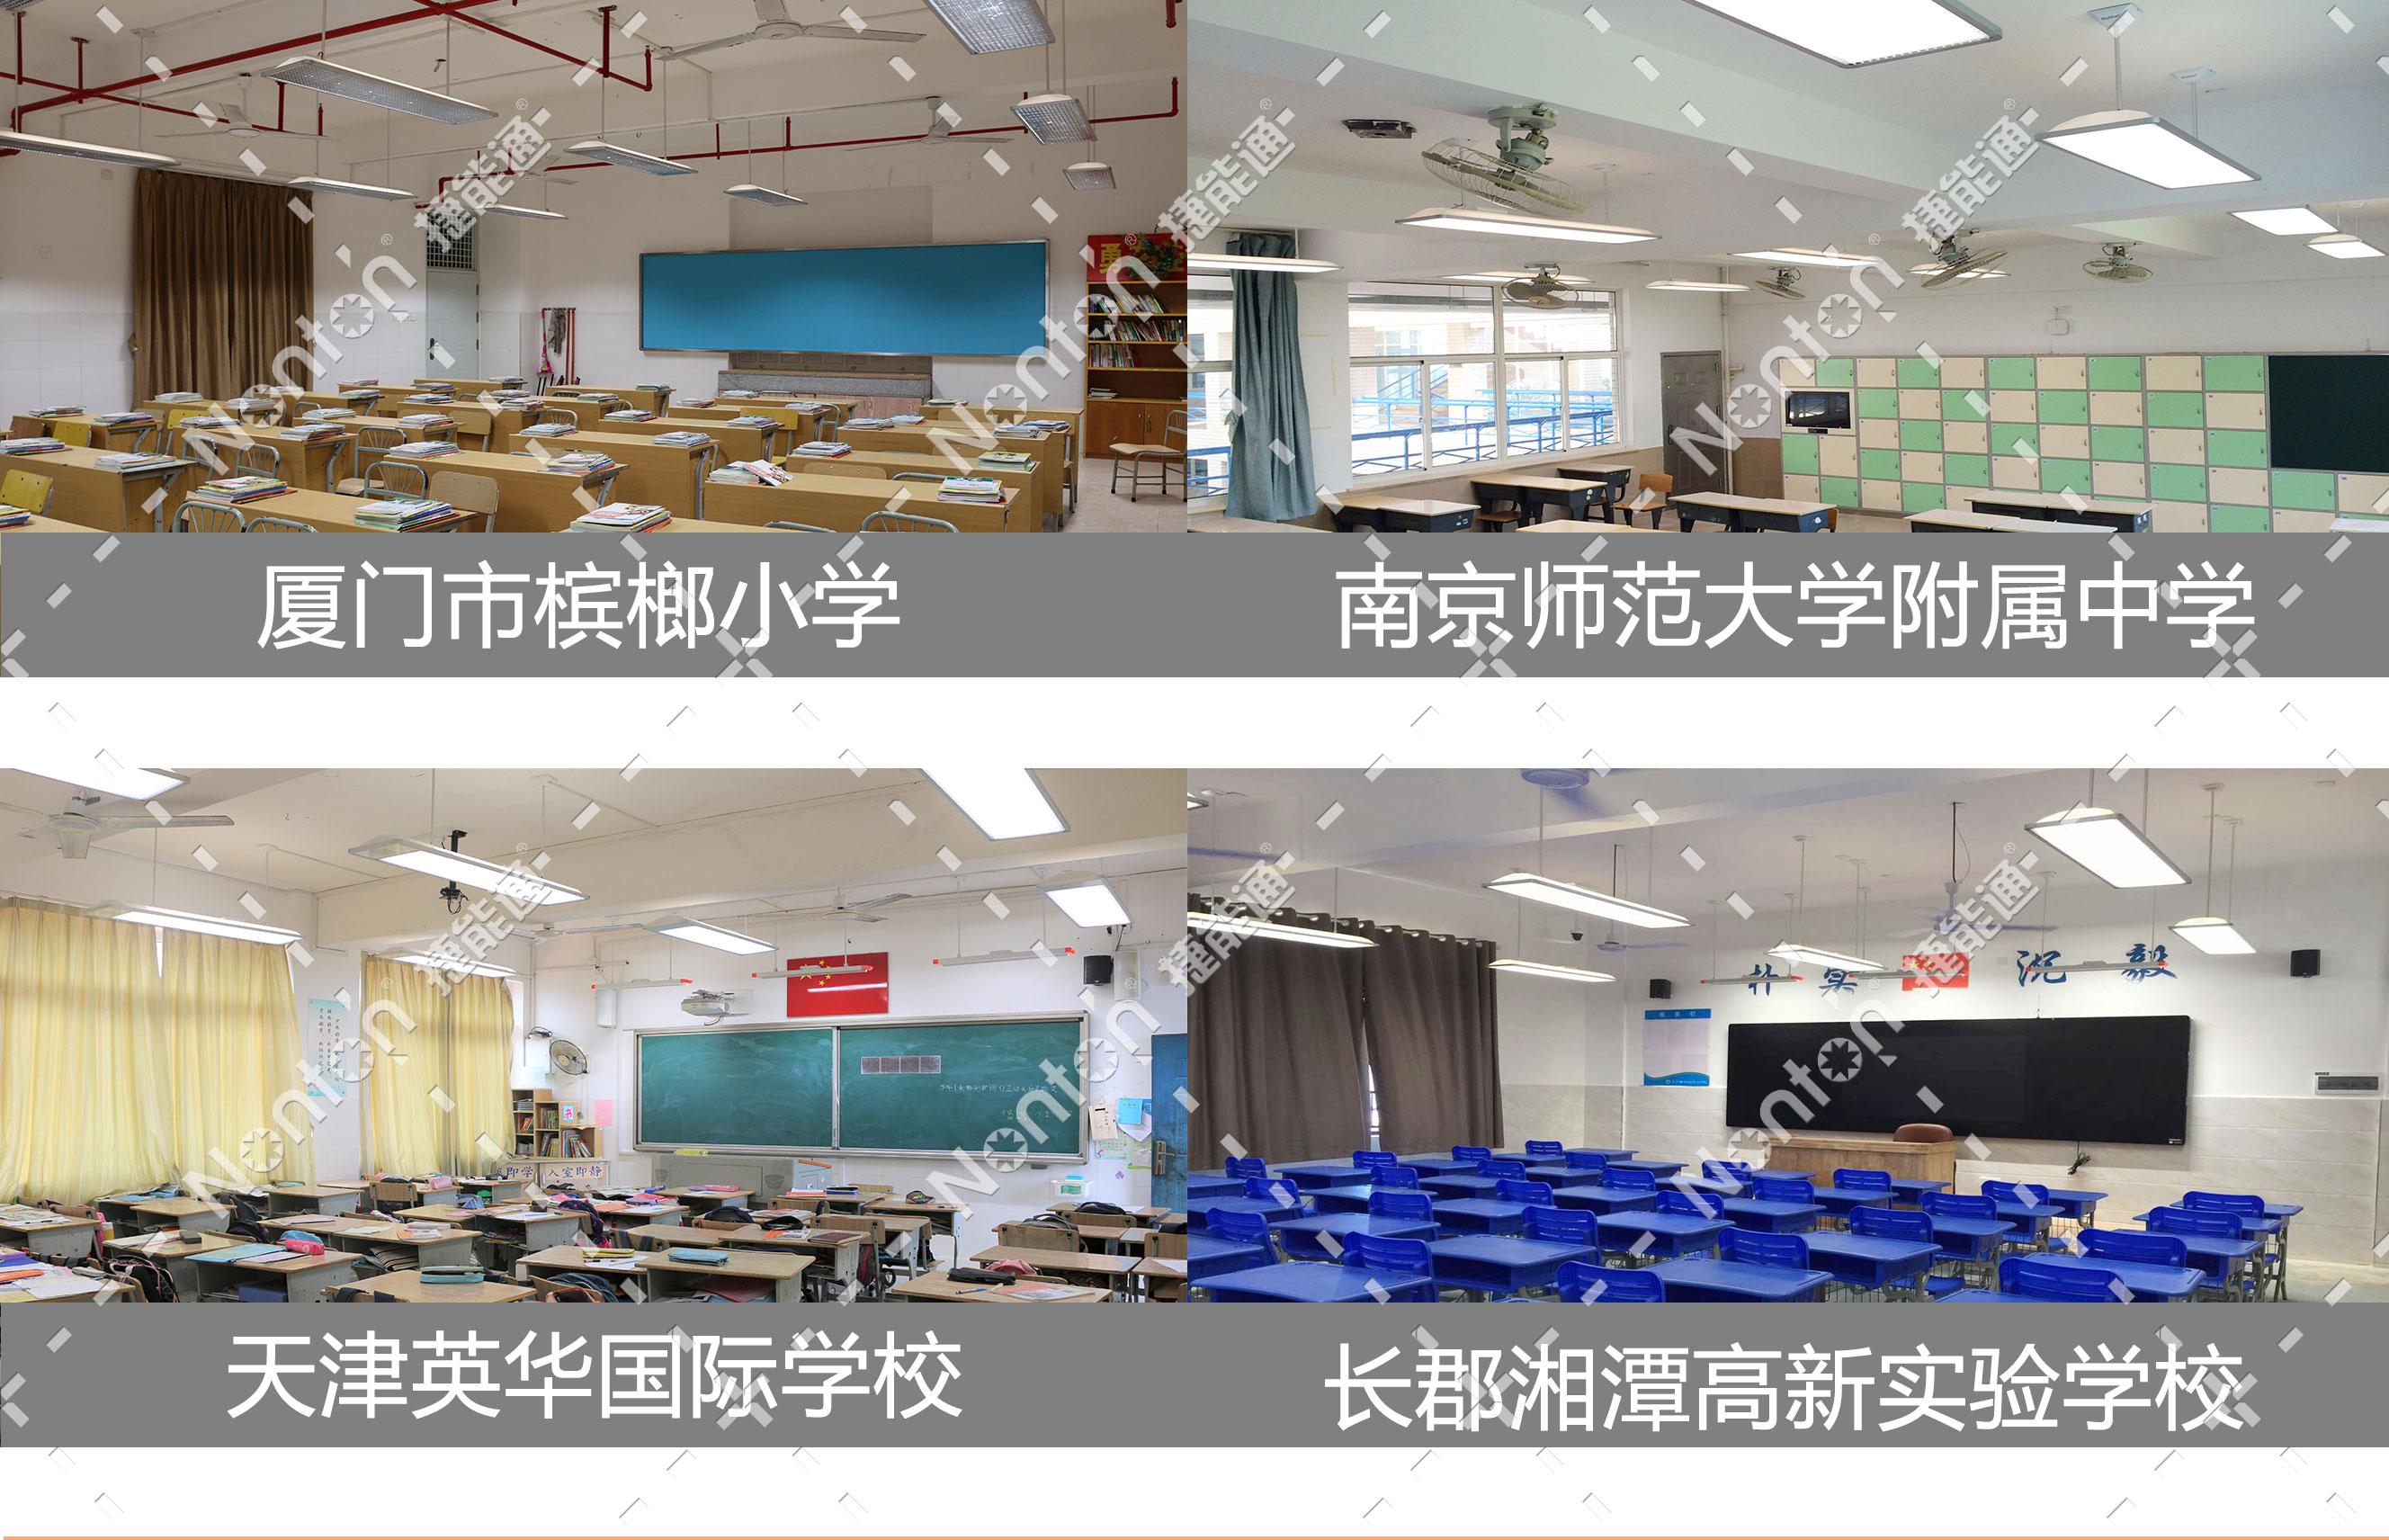 學校過道燈 過道燈 過道專用燈 教室照明改造 燈光改造